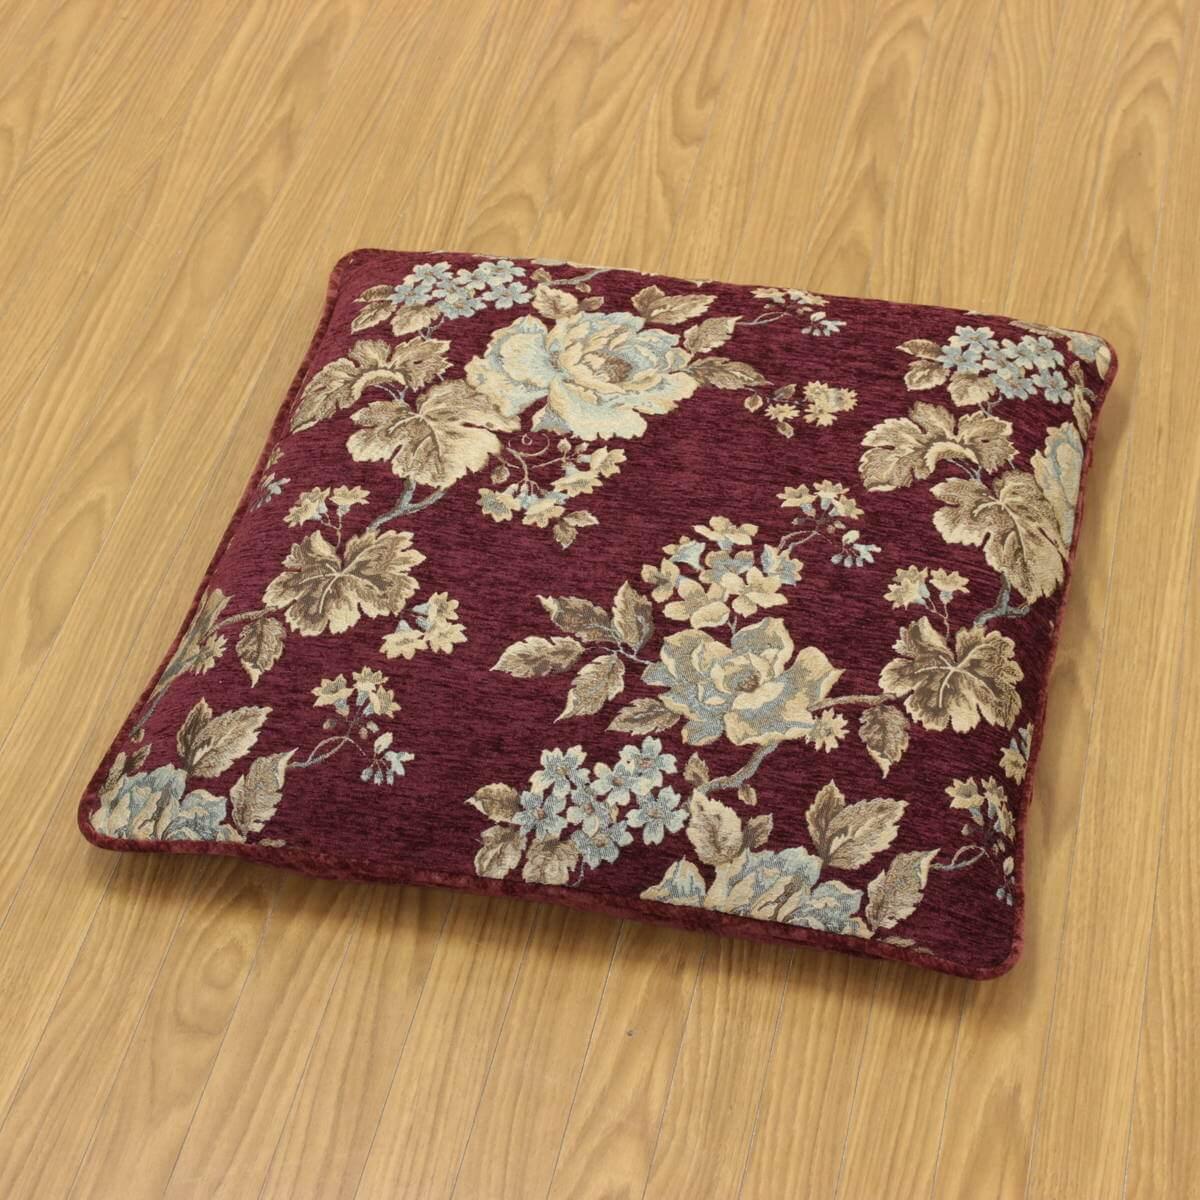 マチルダシリーズの座布団カバーは一般的な銘仙判サイズ用です。